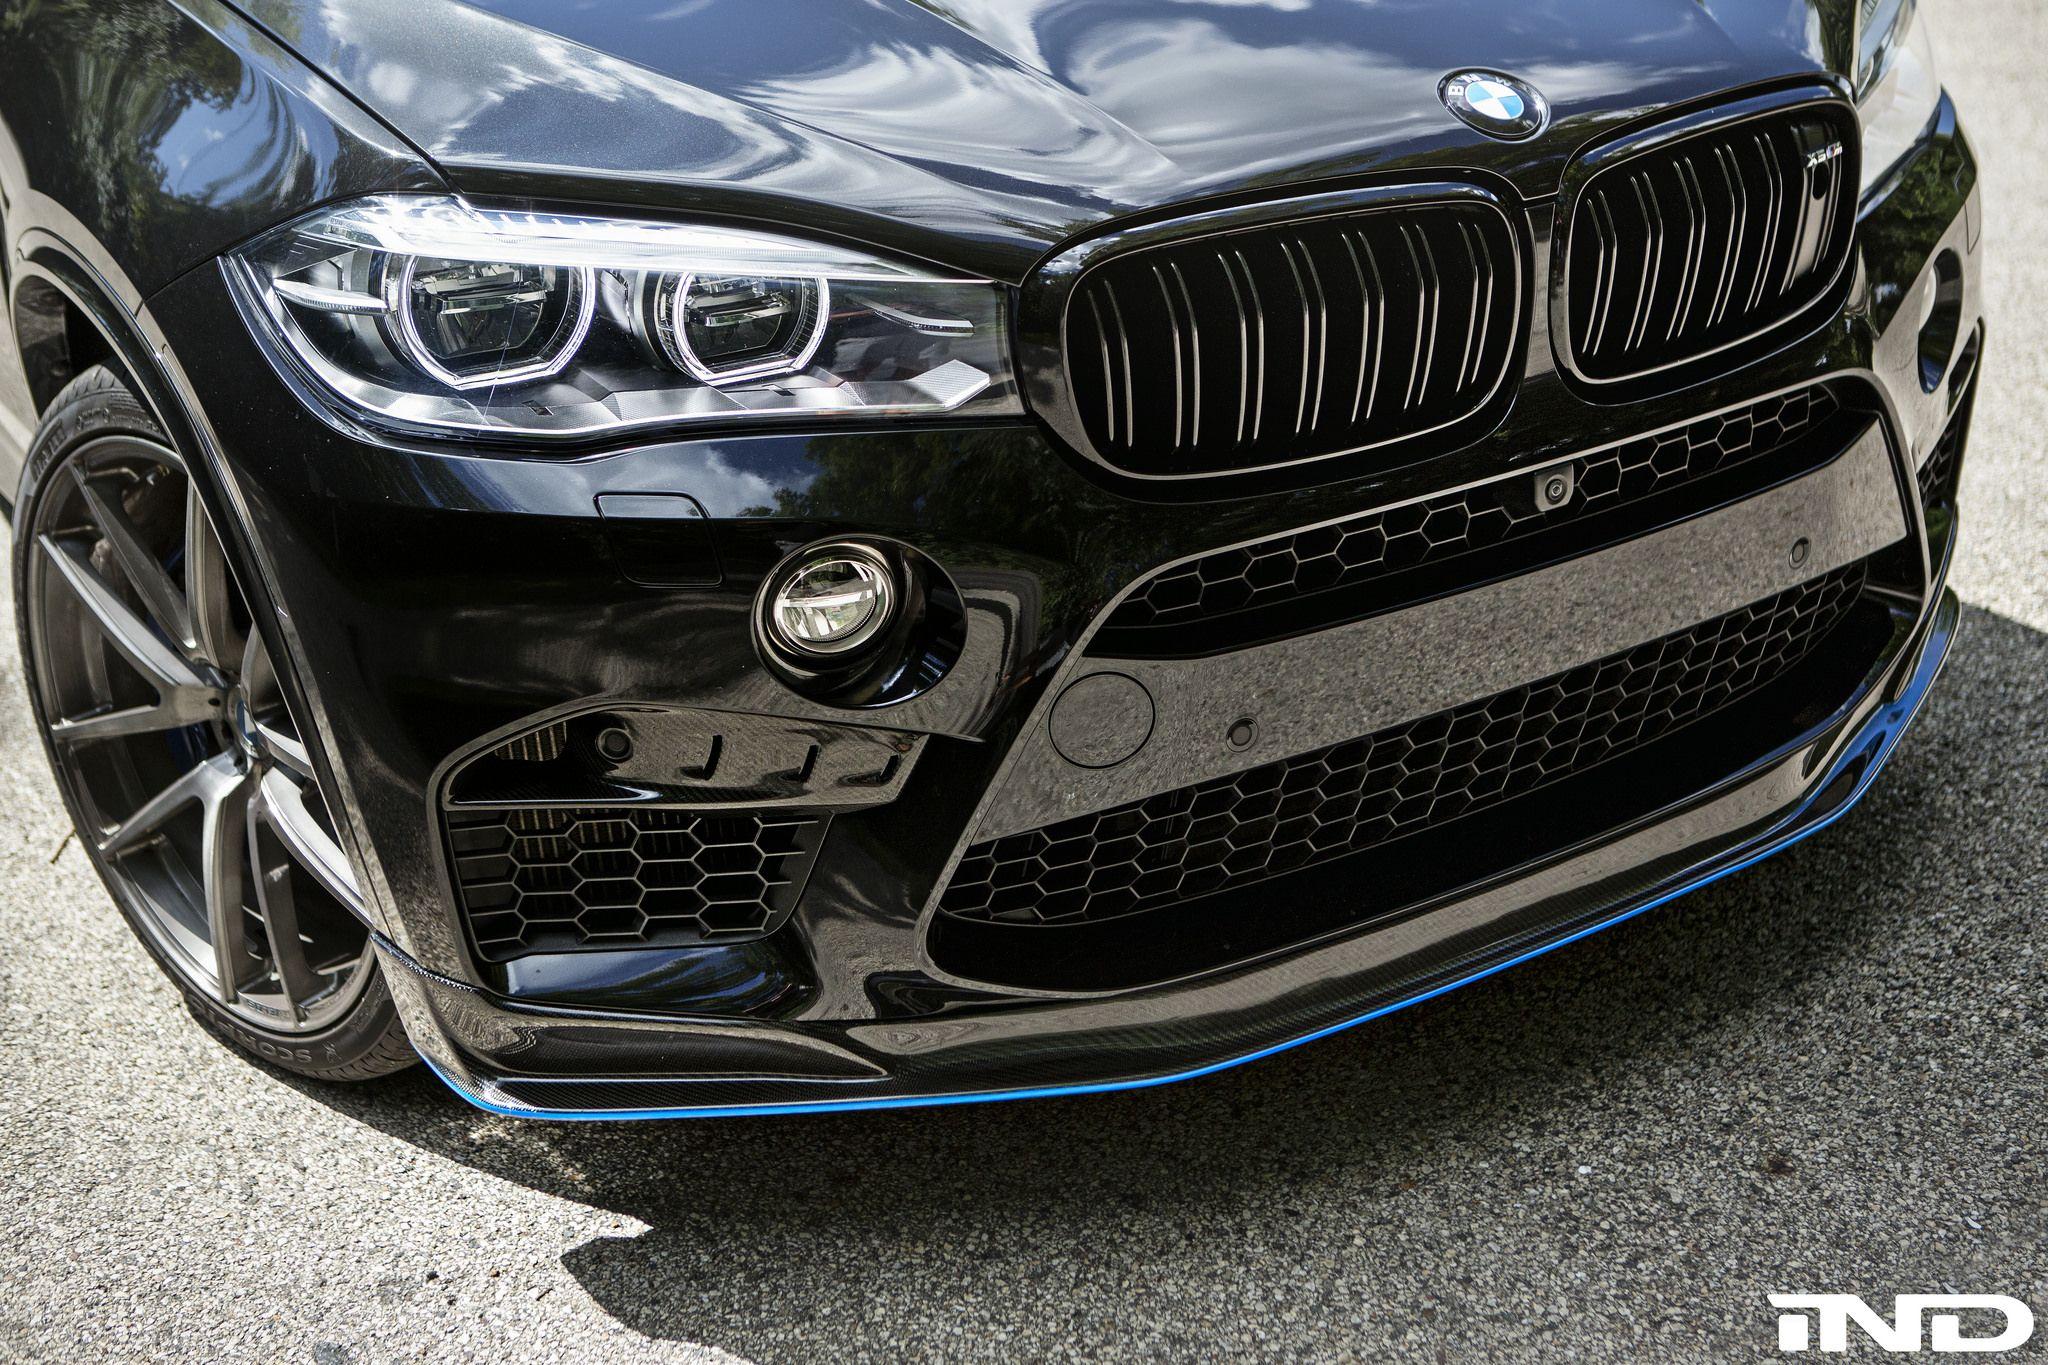 Black Sapphire Metallic Bmw F85 X5m By Ind Distribution Bmw Bmw X5 M Bmw Wheels